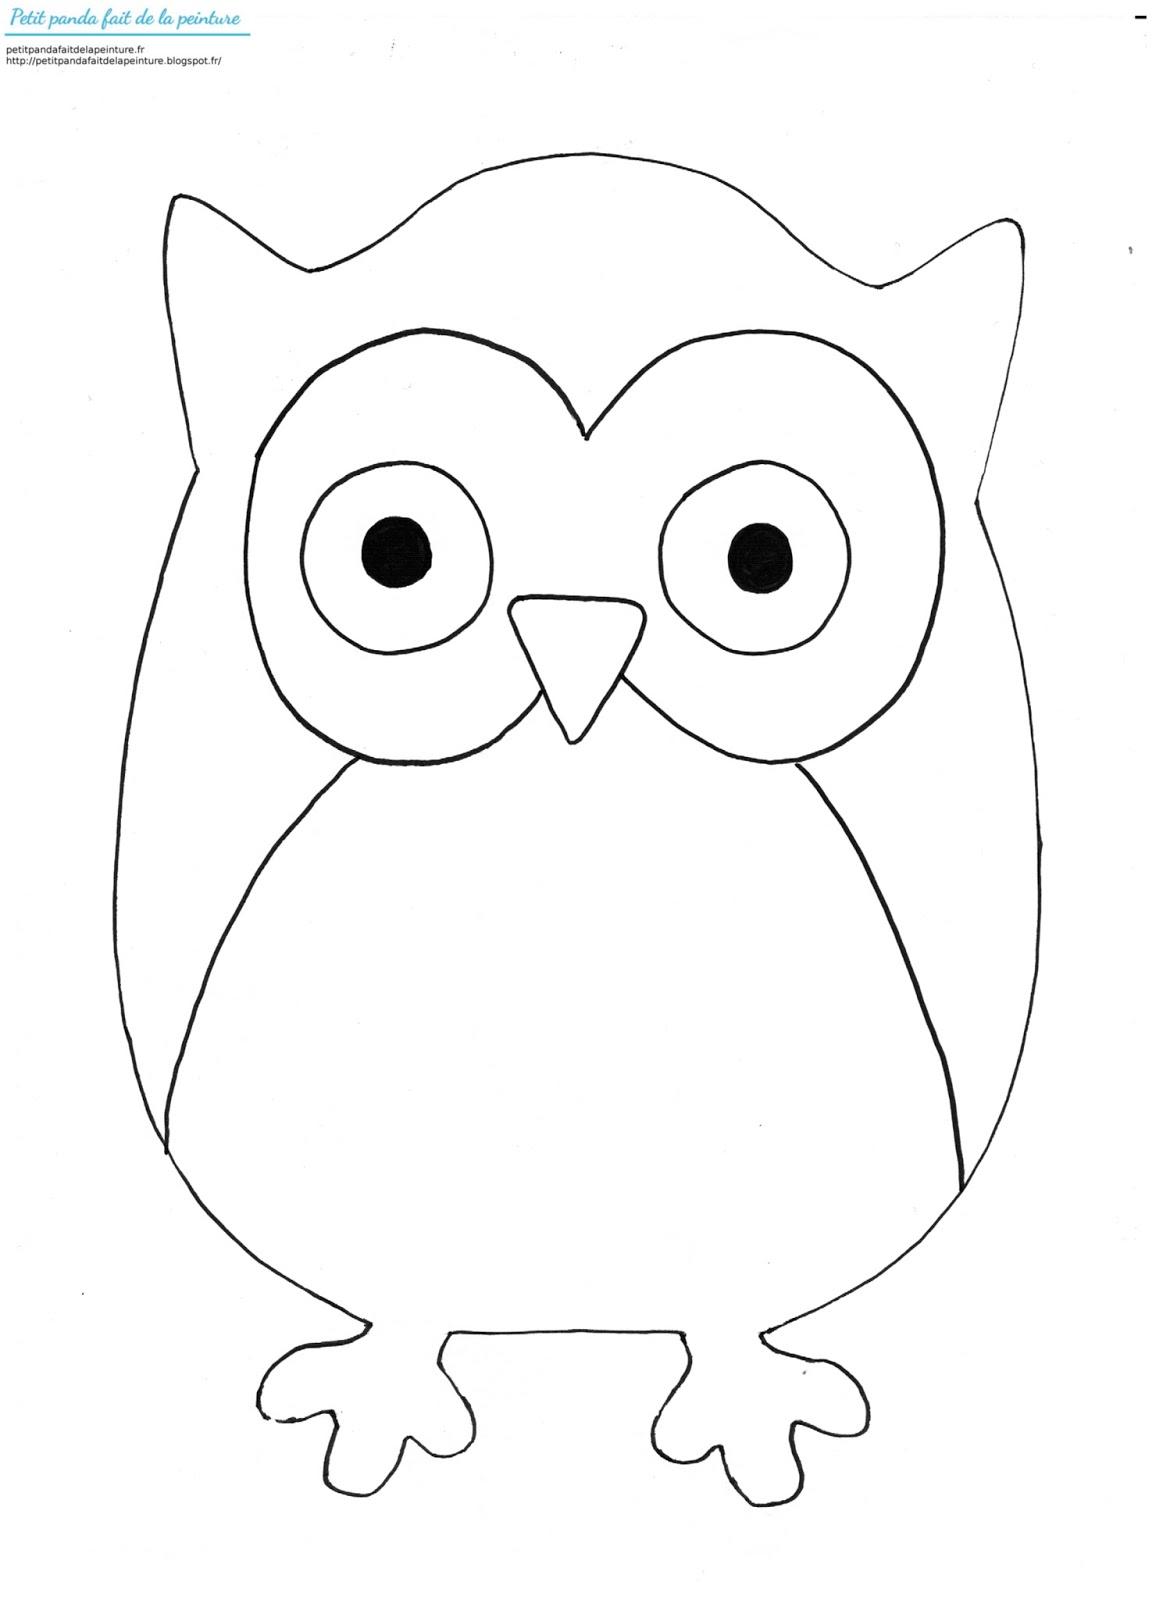 petit panda fait de la peinture une chouette a la owl clipart to print free owl clip art images